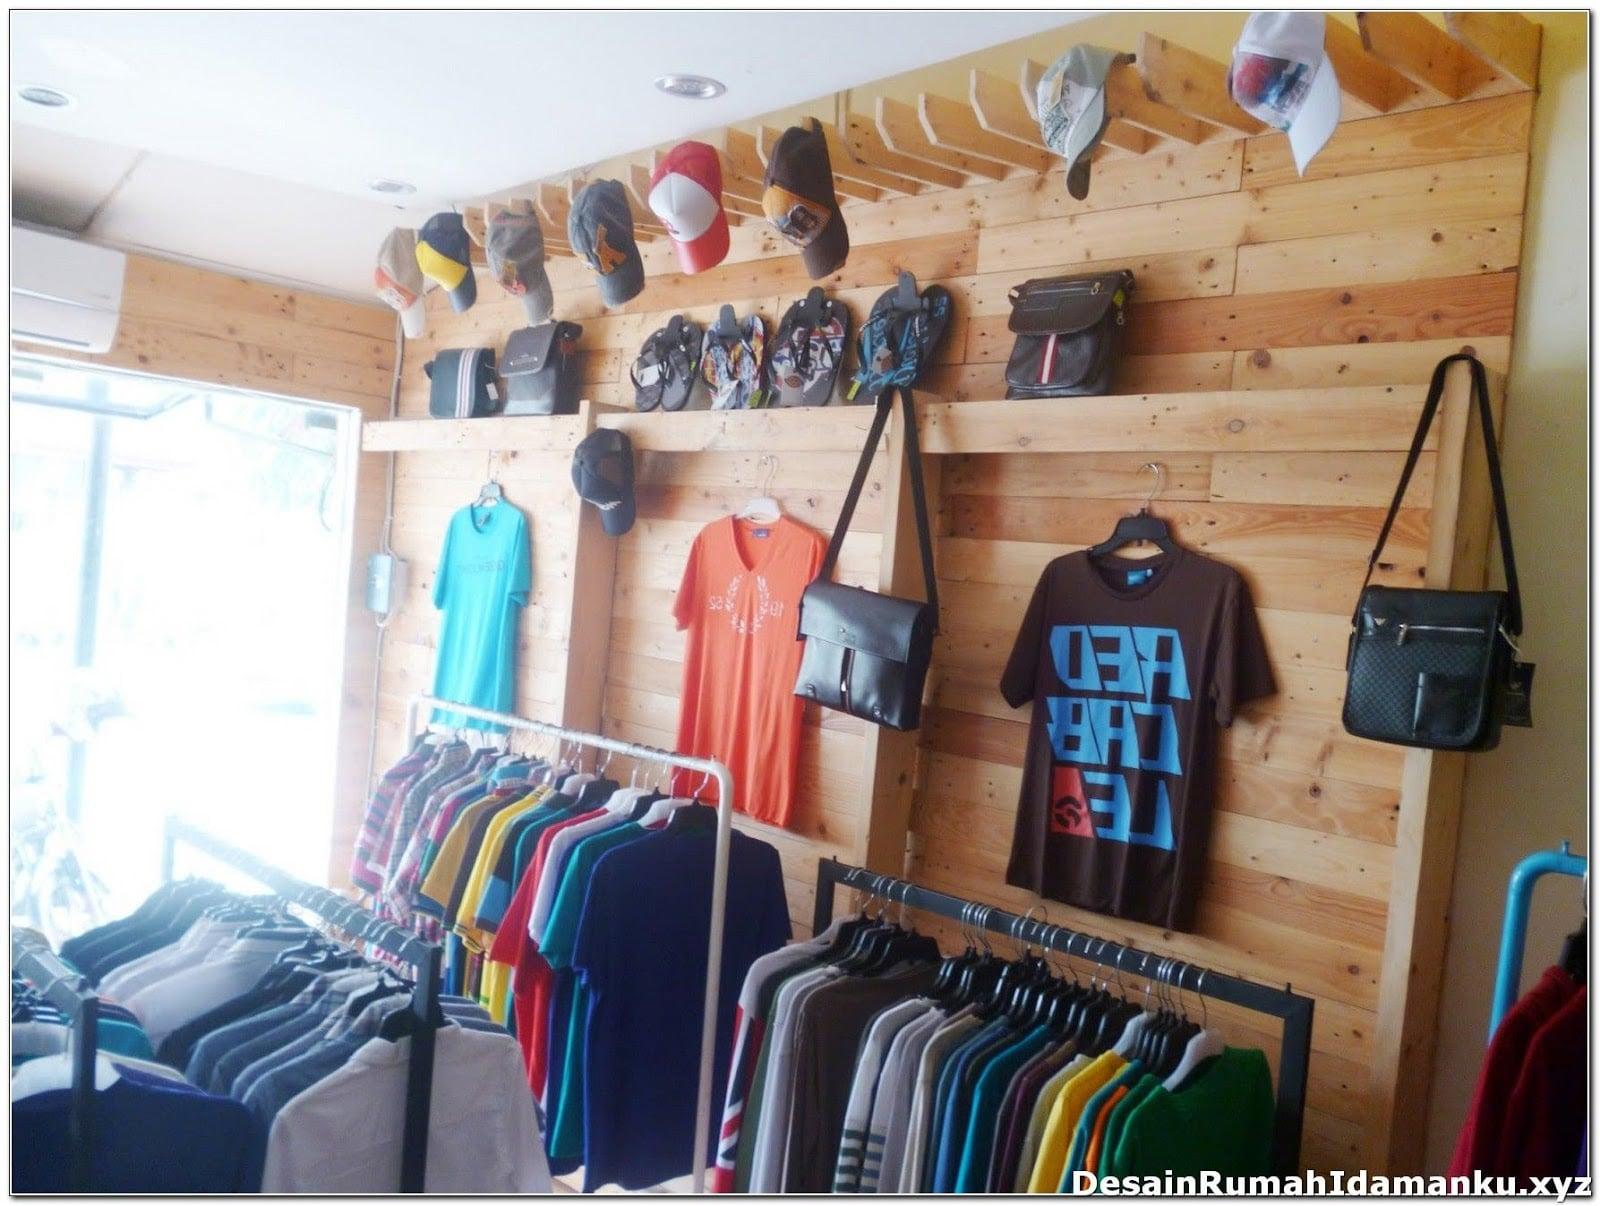 Penataan Toko Baju Minimalis Cek Bahan Bangunan Desain toko baju